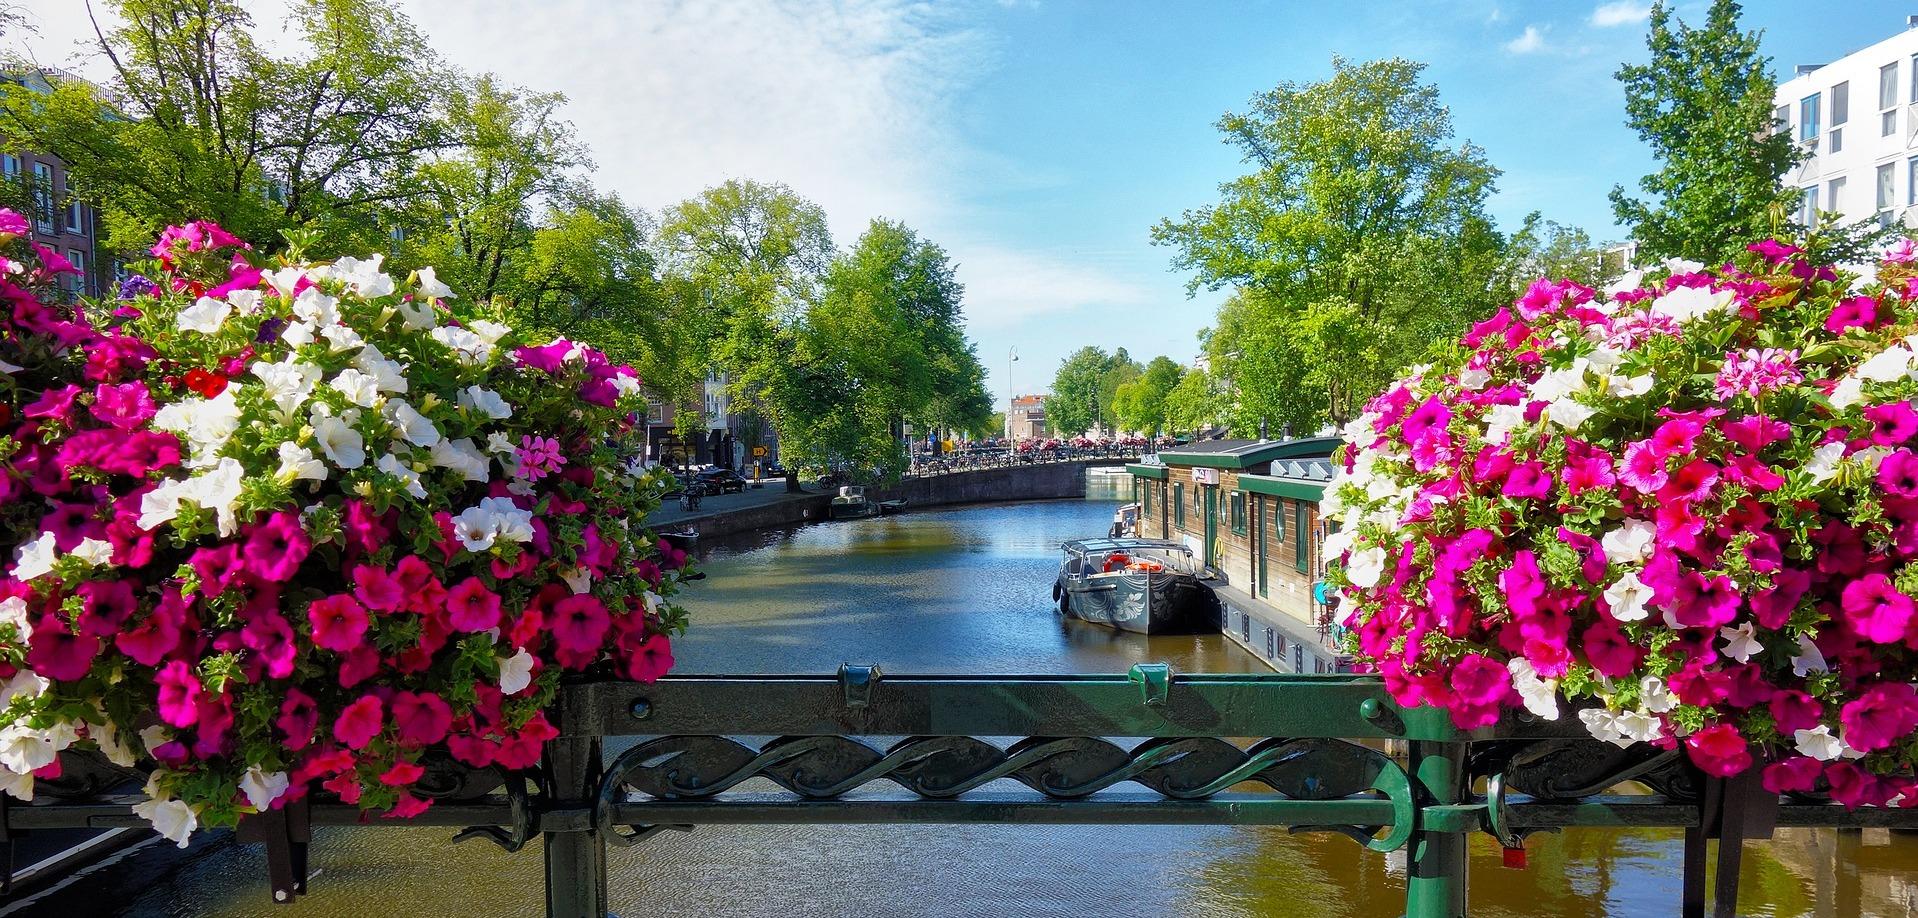 ▷ Amsterdam 7 Handige Tips om een Verhuurd Huis te Verkopen